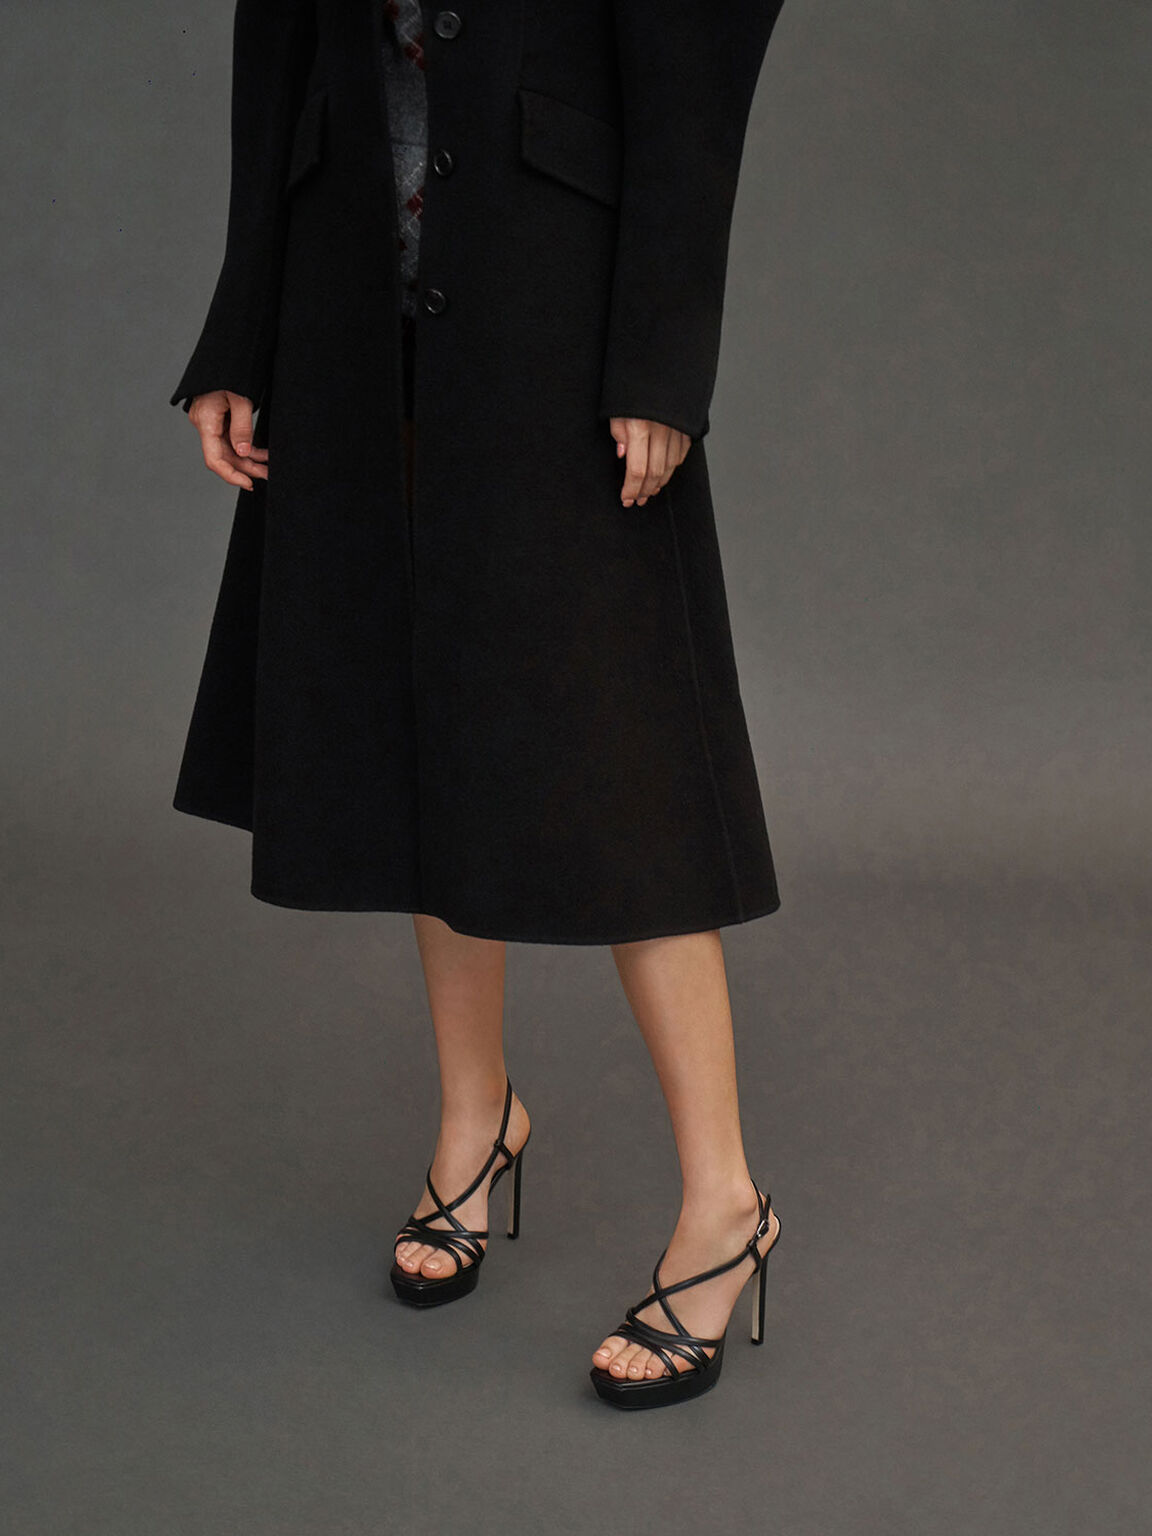 Strappy Platform Sandals, Black, hi-res